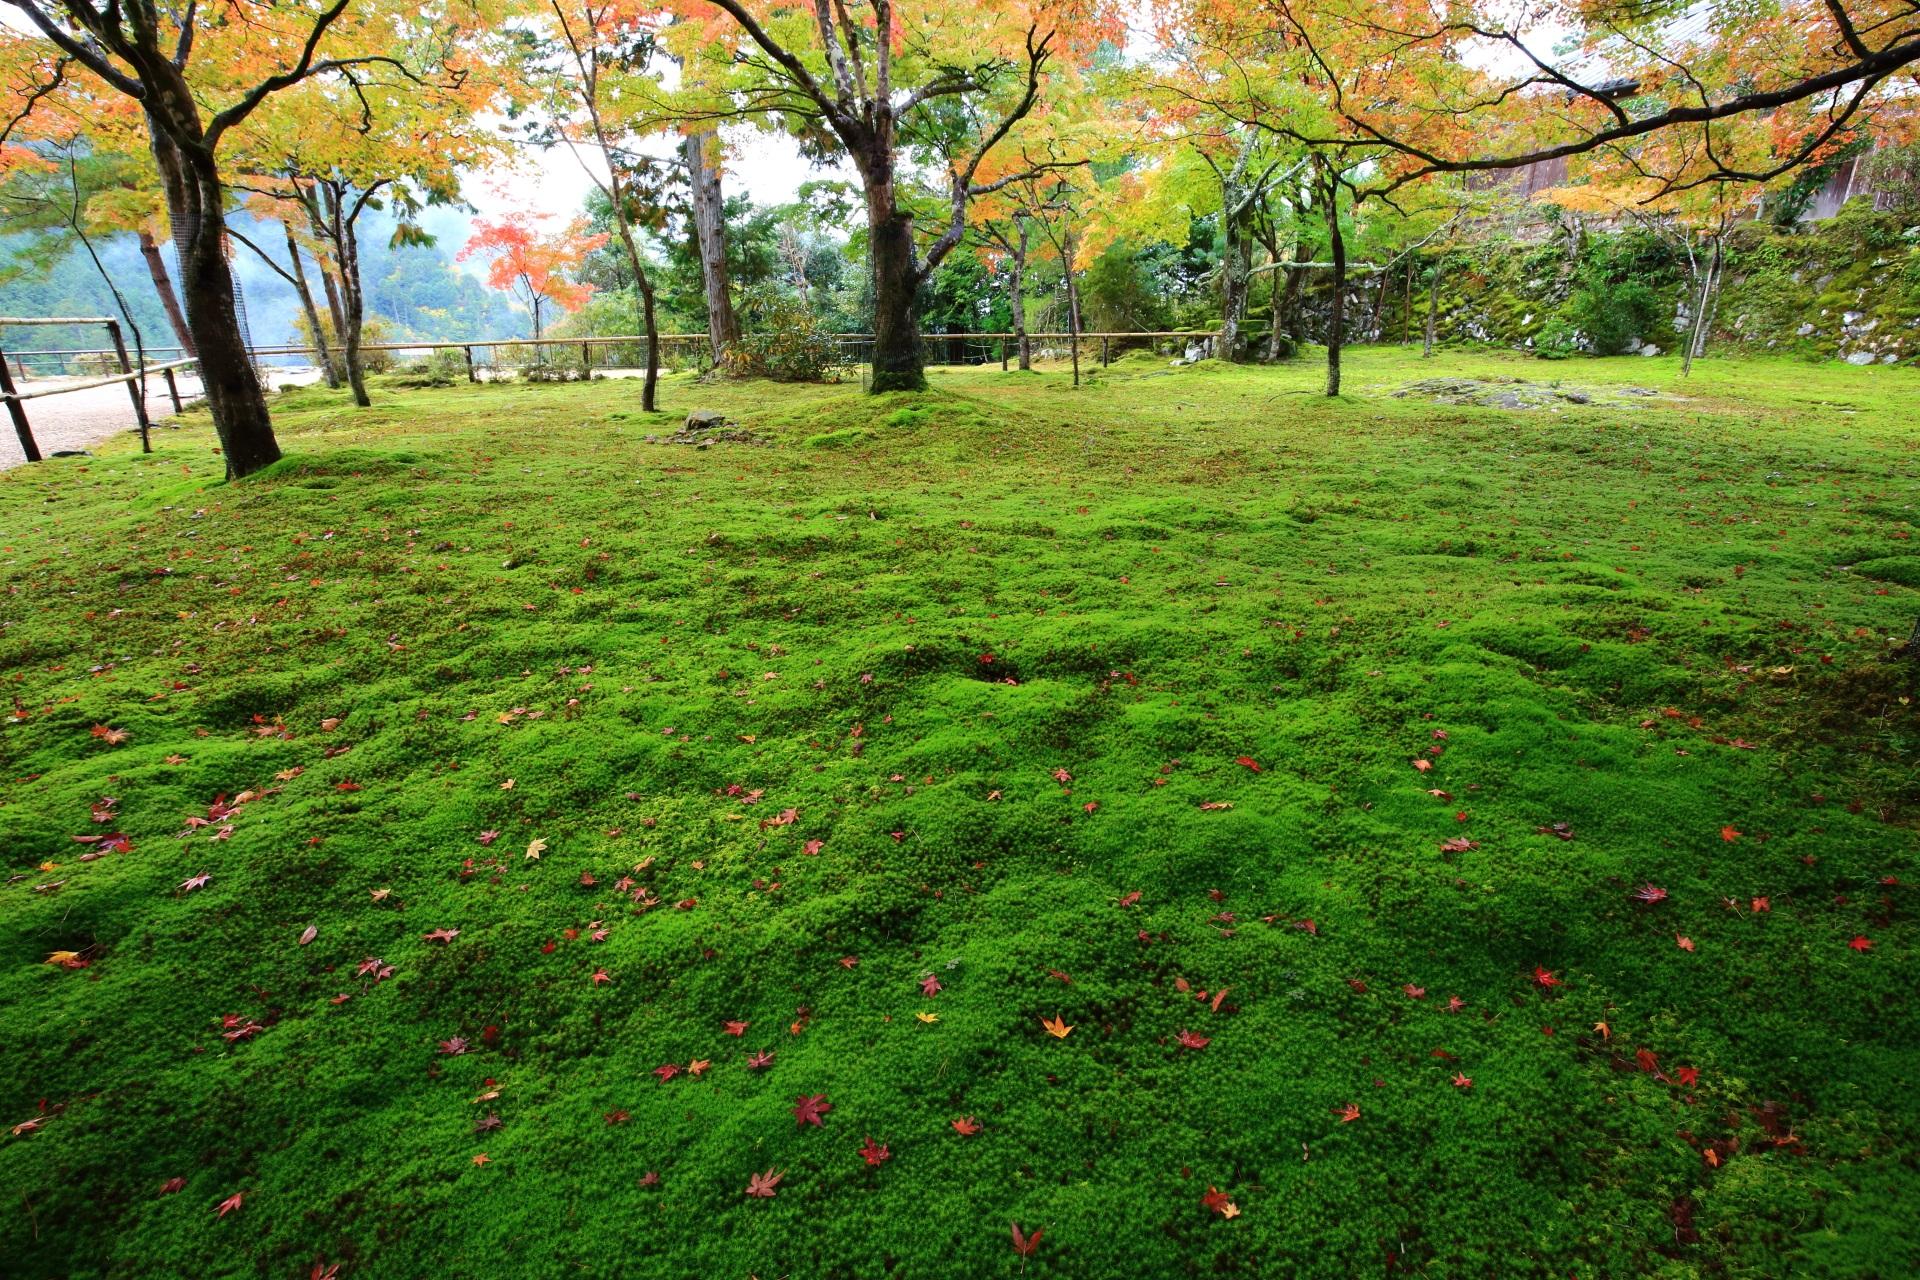 錦雲渓手前の苔庭と上品な散り紅葉